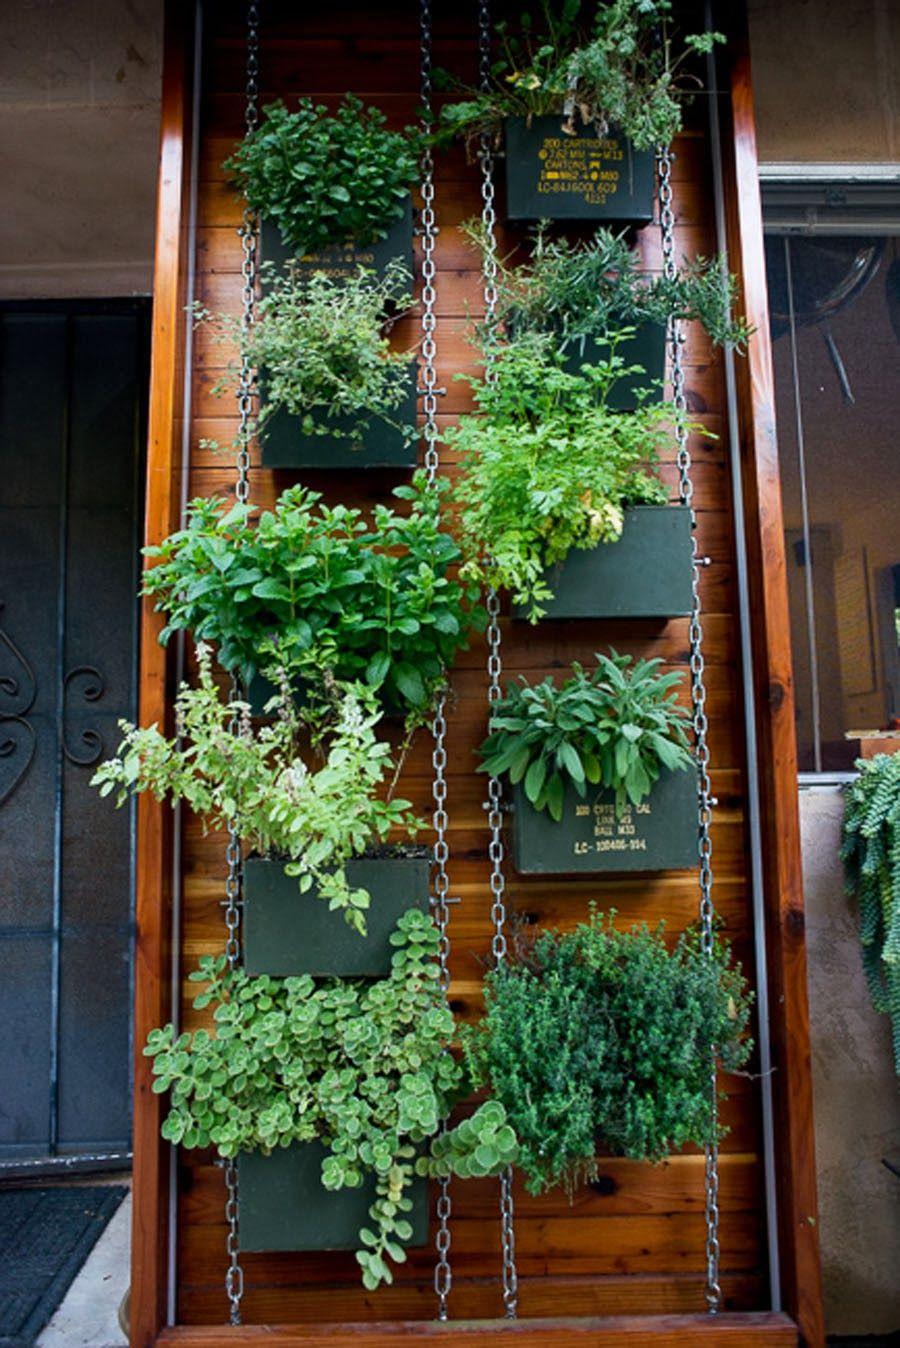 Paradis express jardins vertically gardened jard n - Plantas aromaticas jardin ...